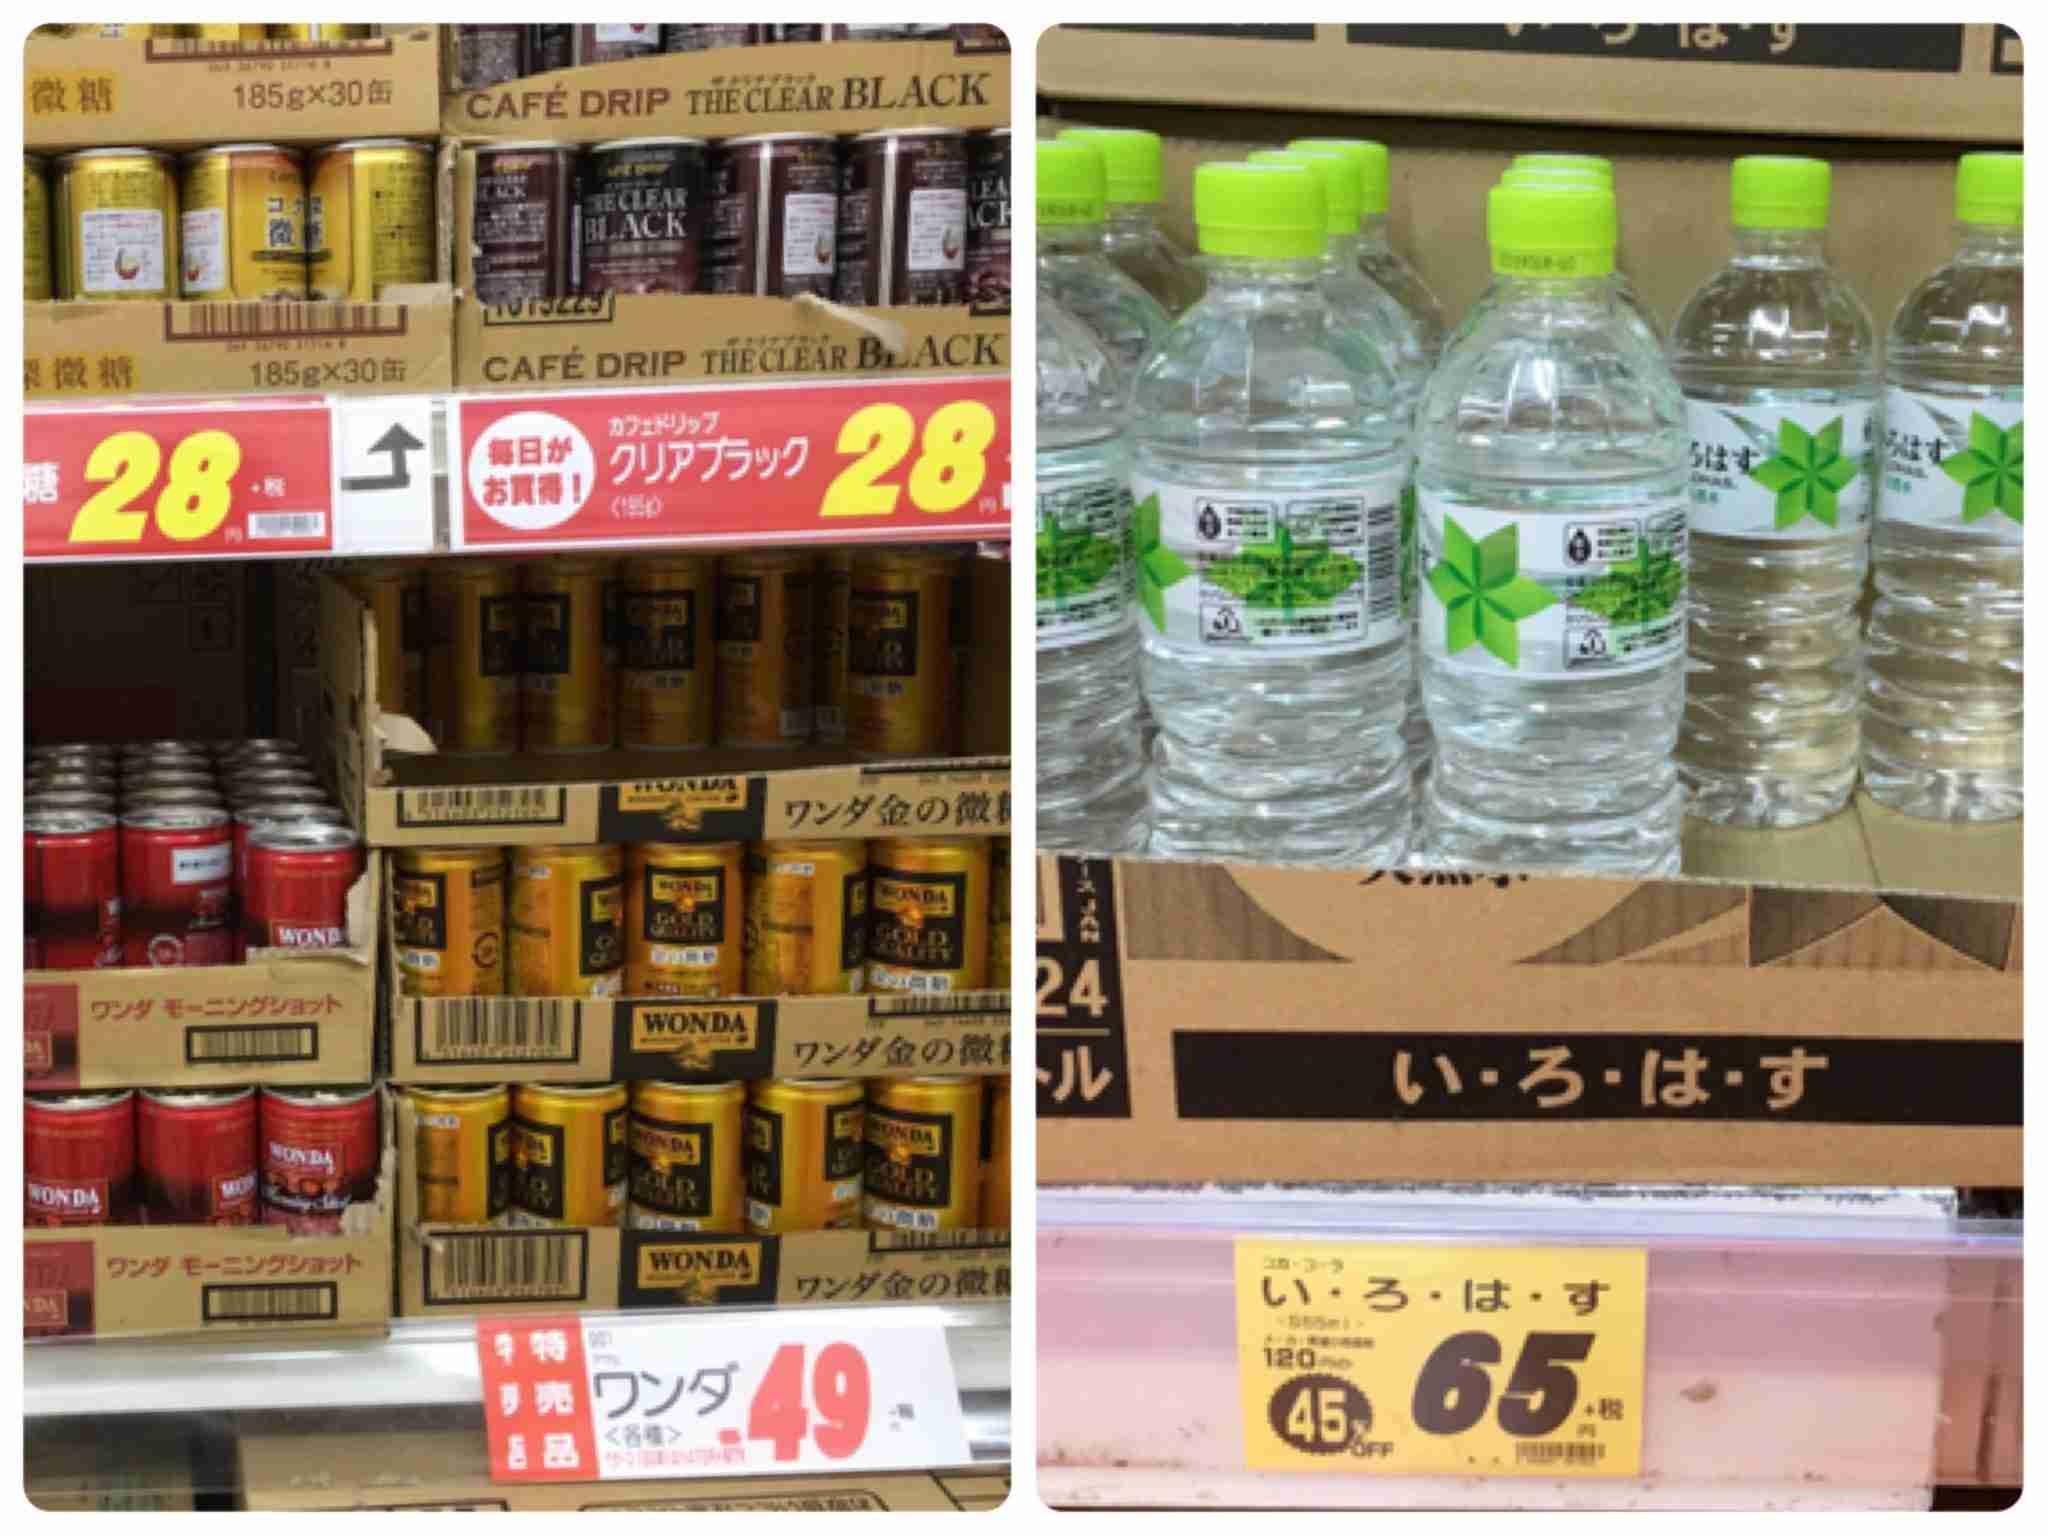 あなたの近くのスーパーの激安商品